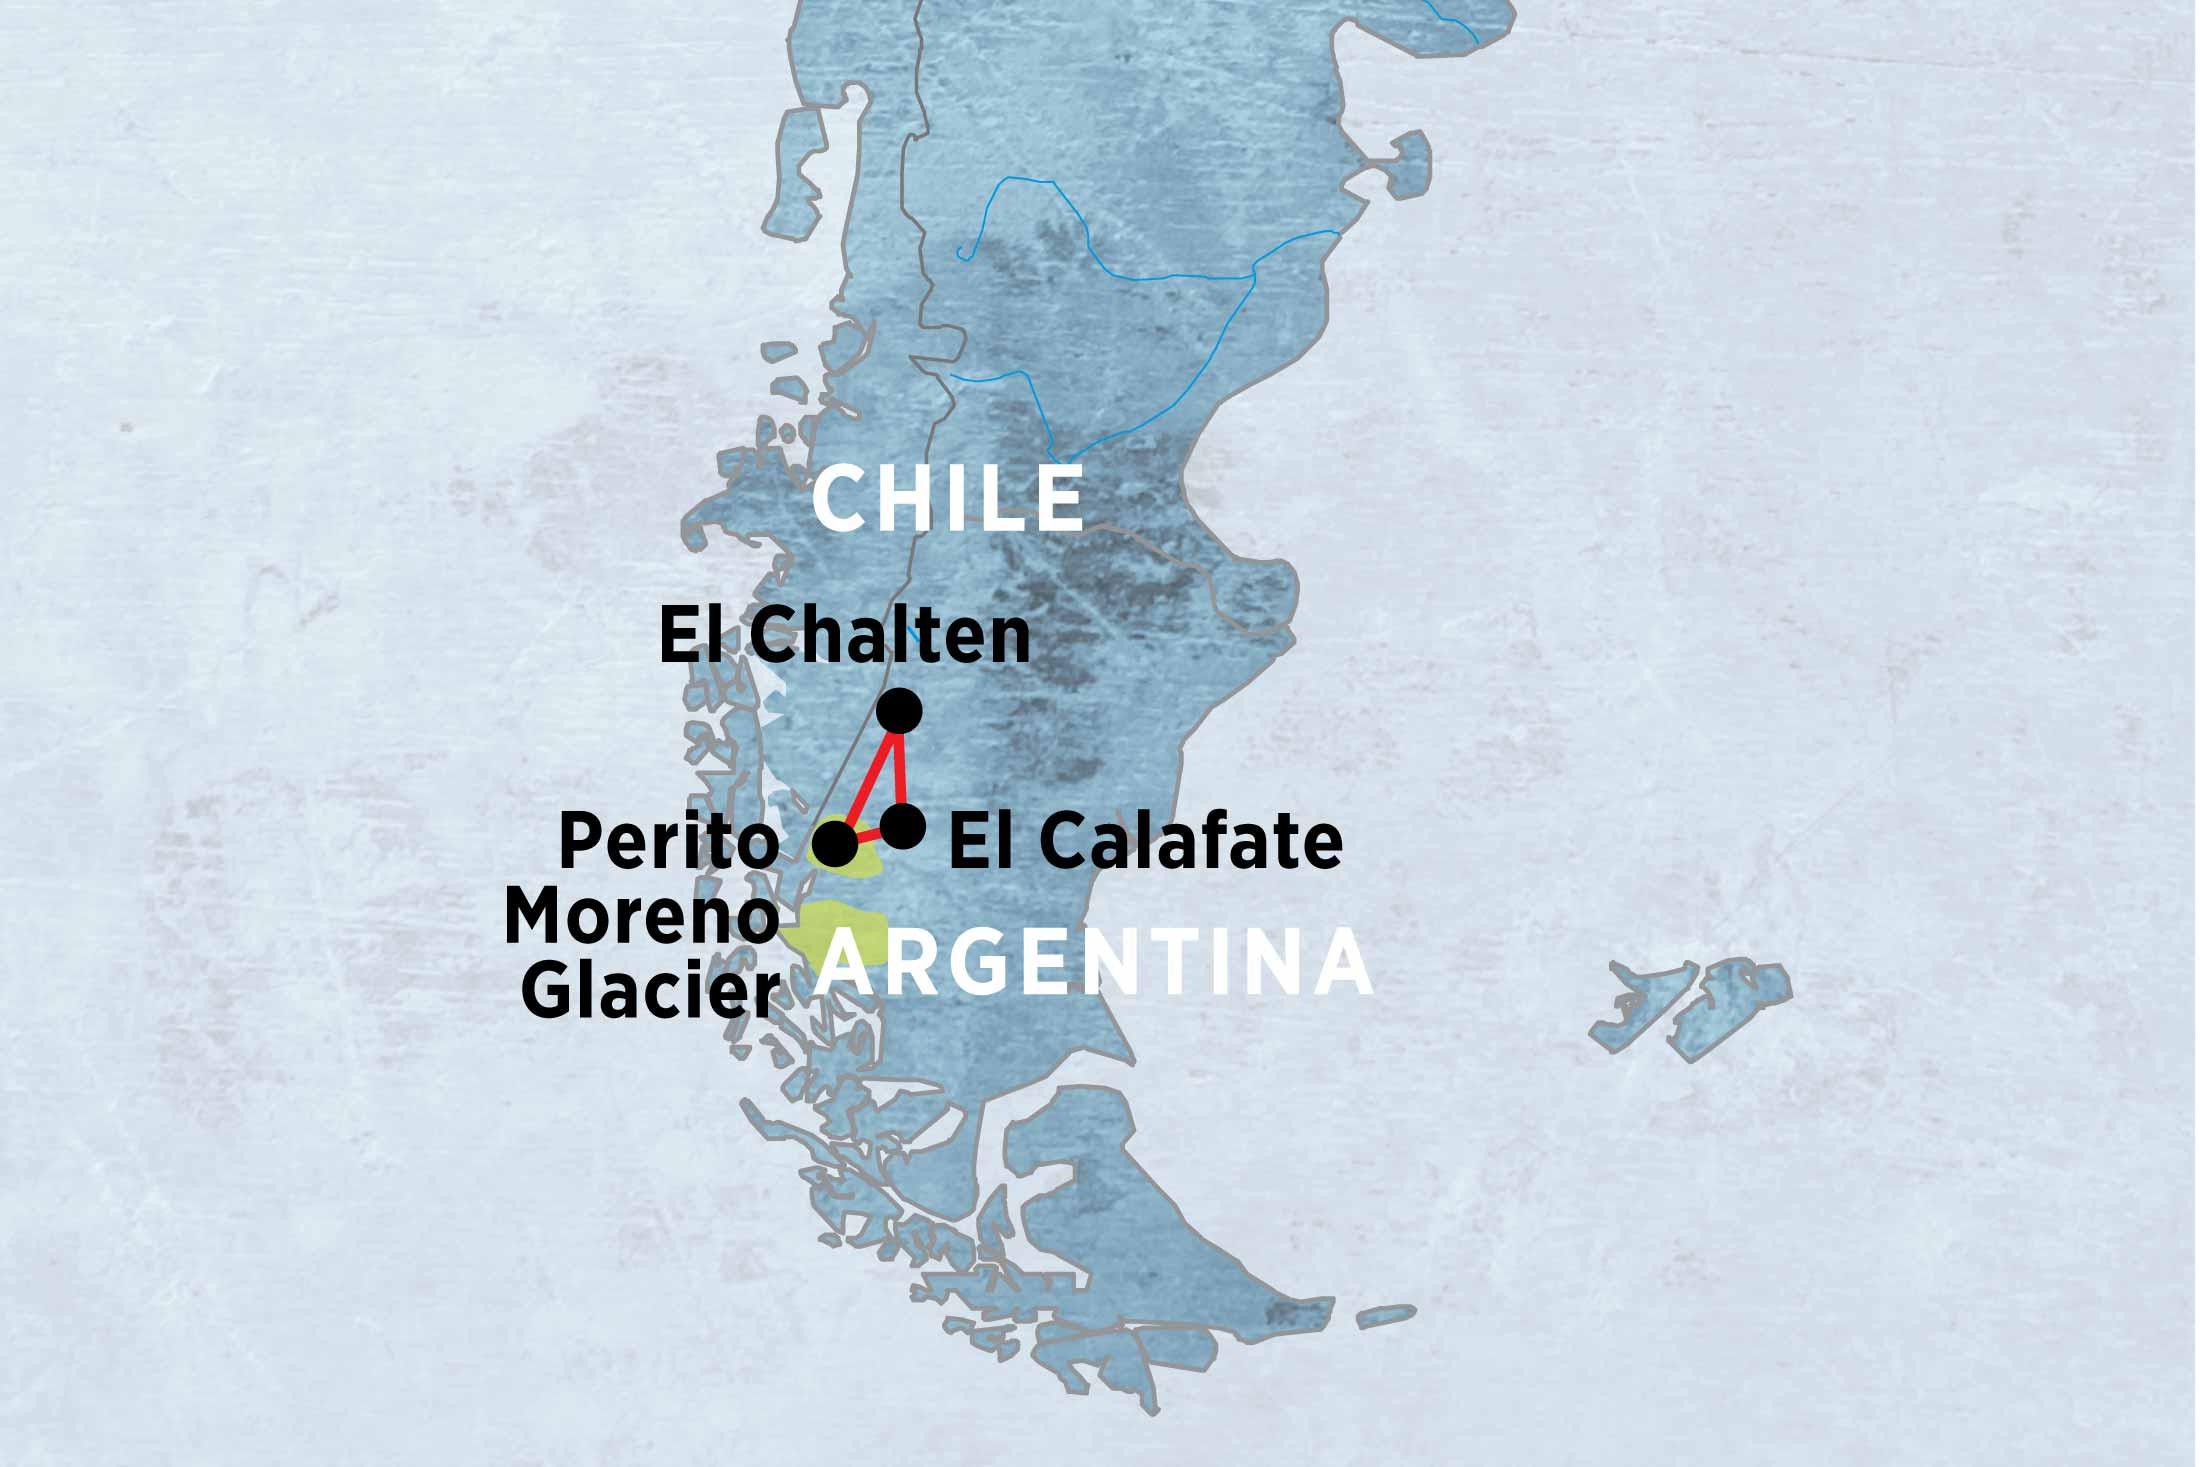 El Chalten Experience - Independent